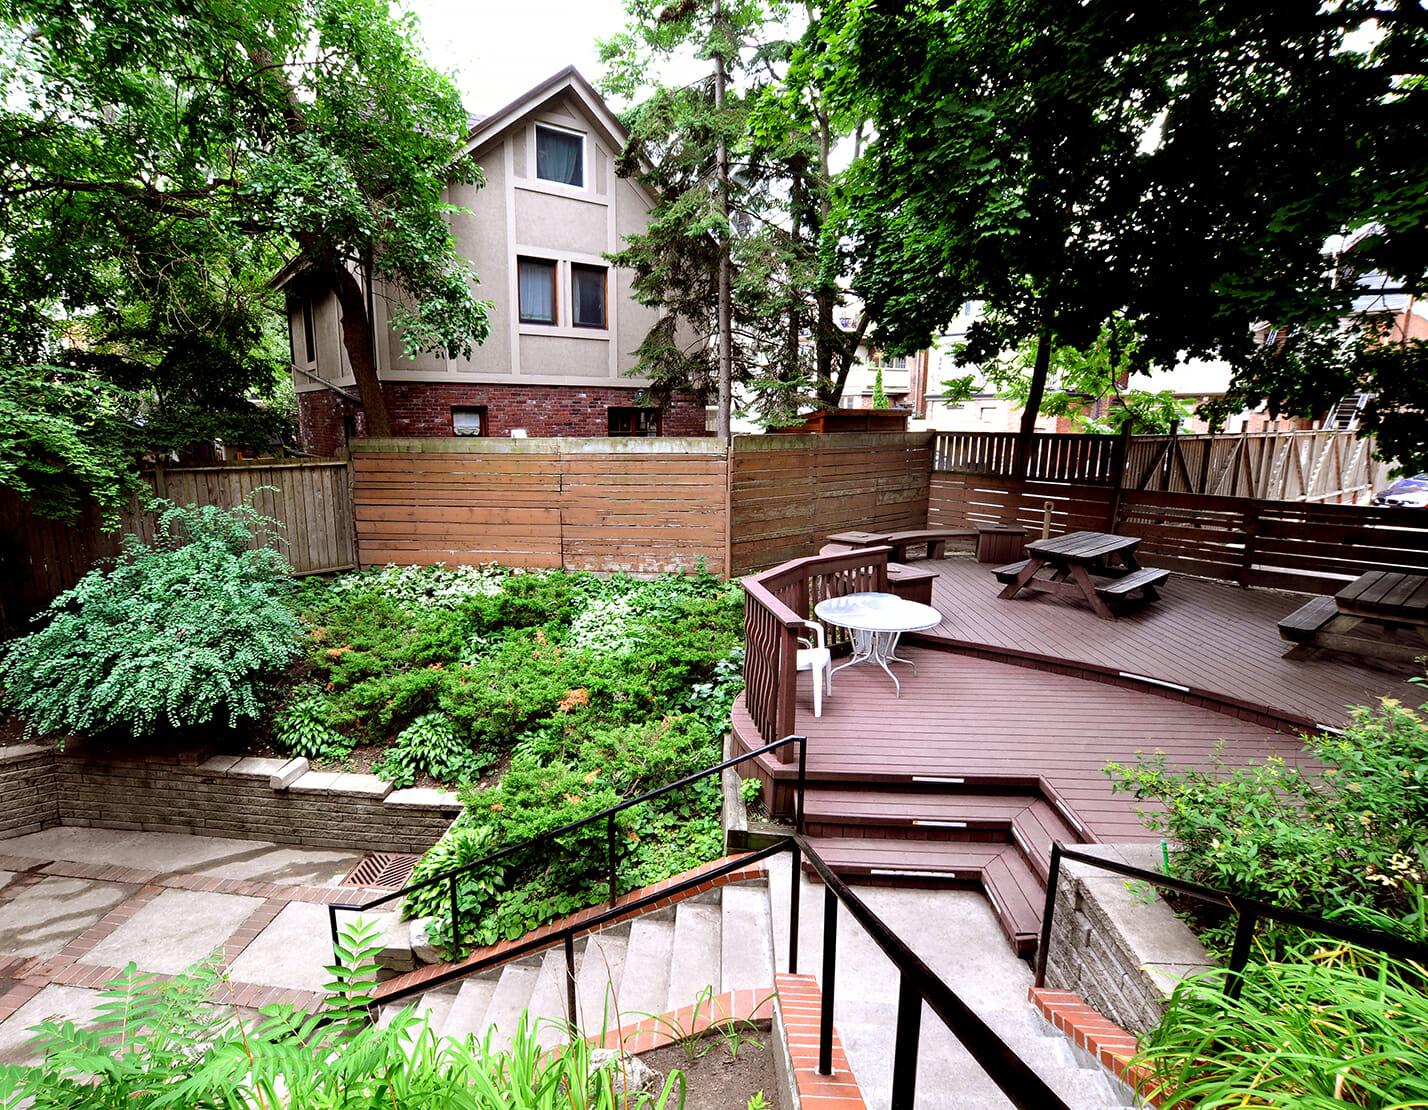 Patio, deck and garden area in Punanai Centre backyard.